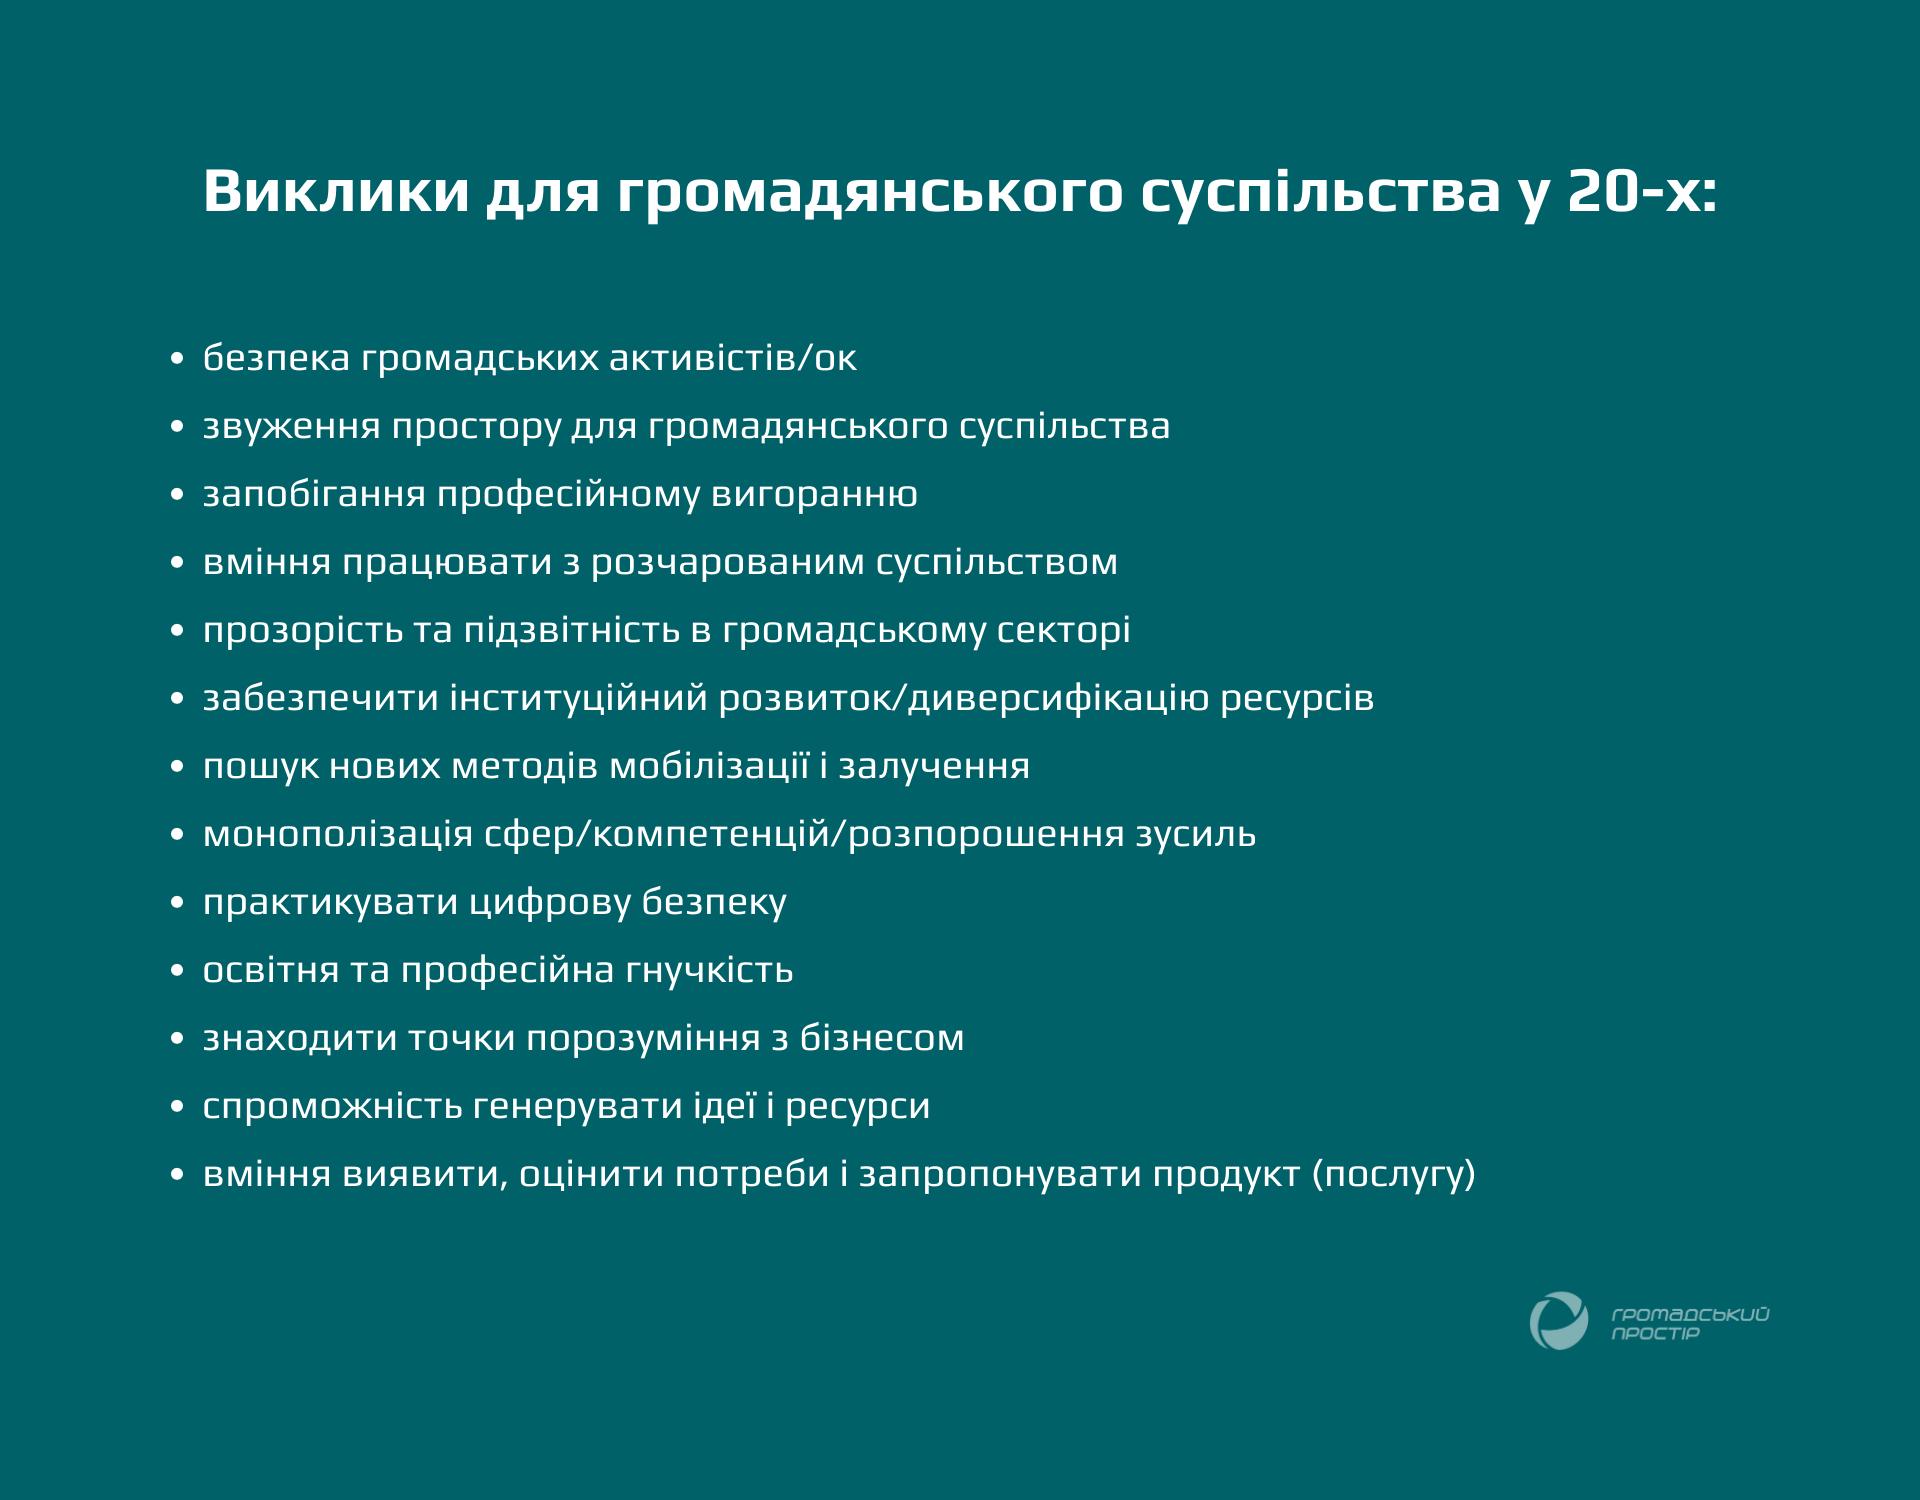 NGO_trends_2019_ (1)